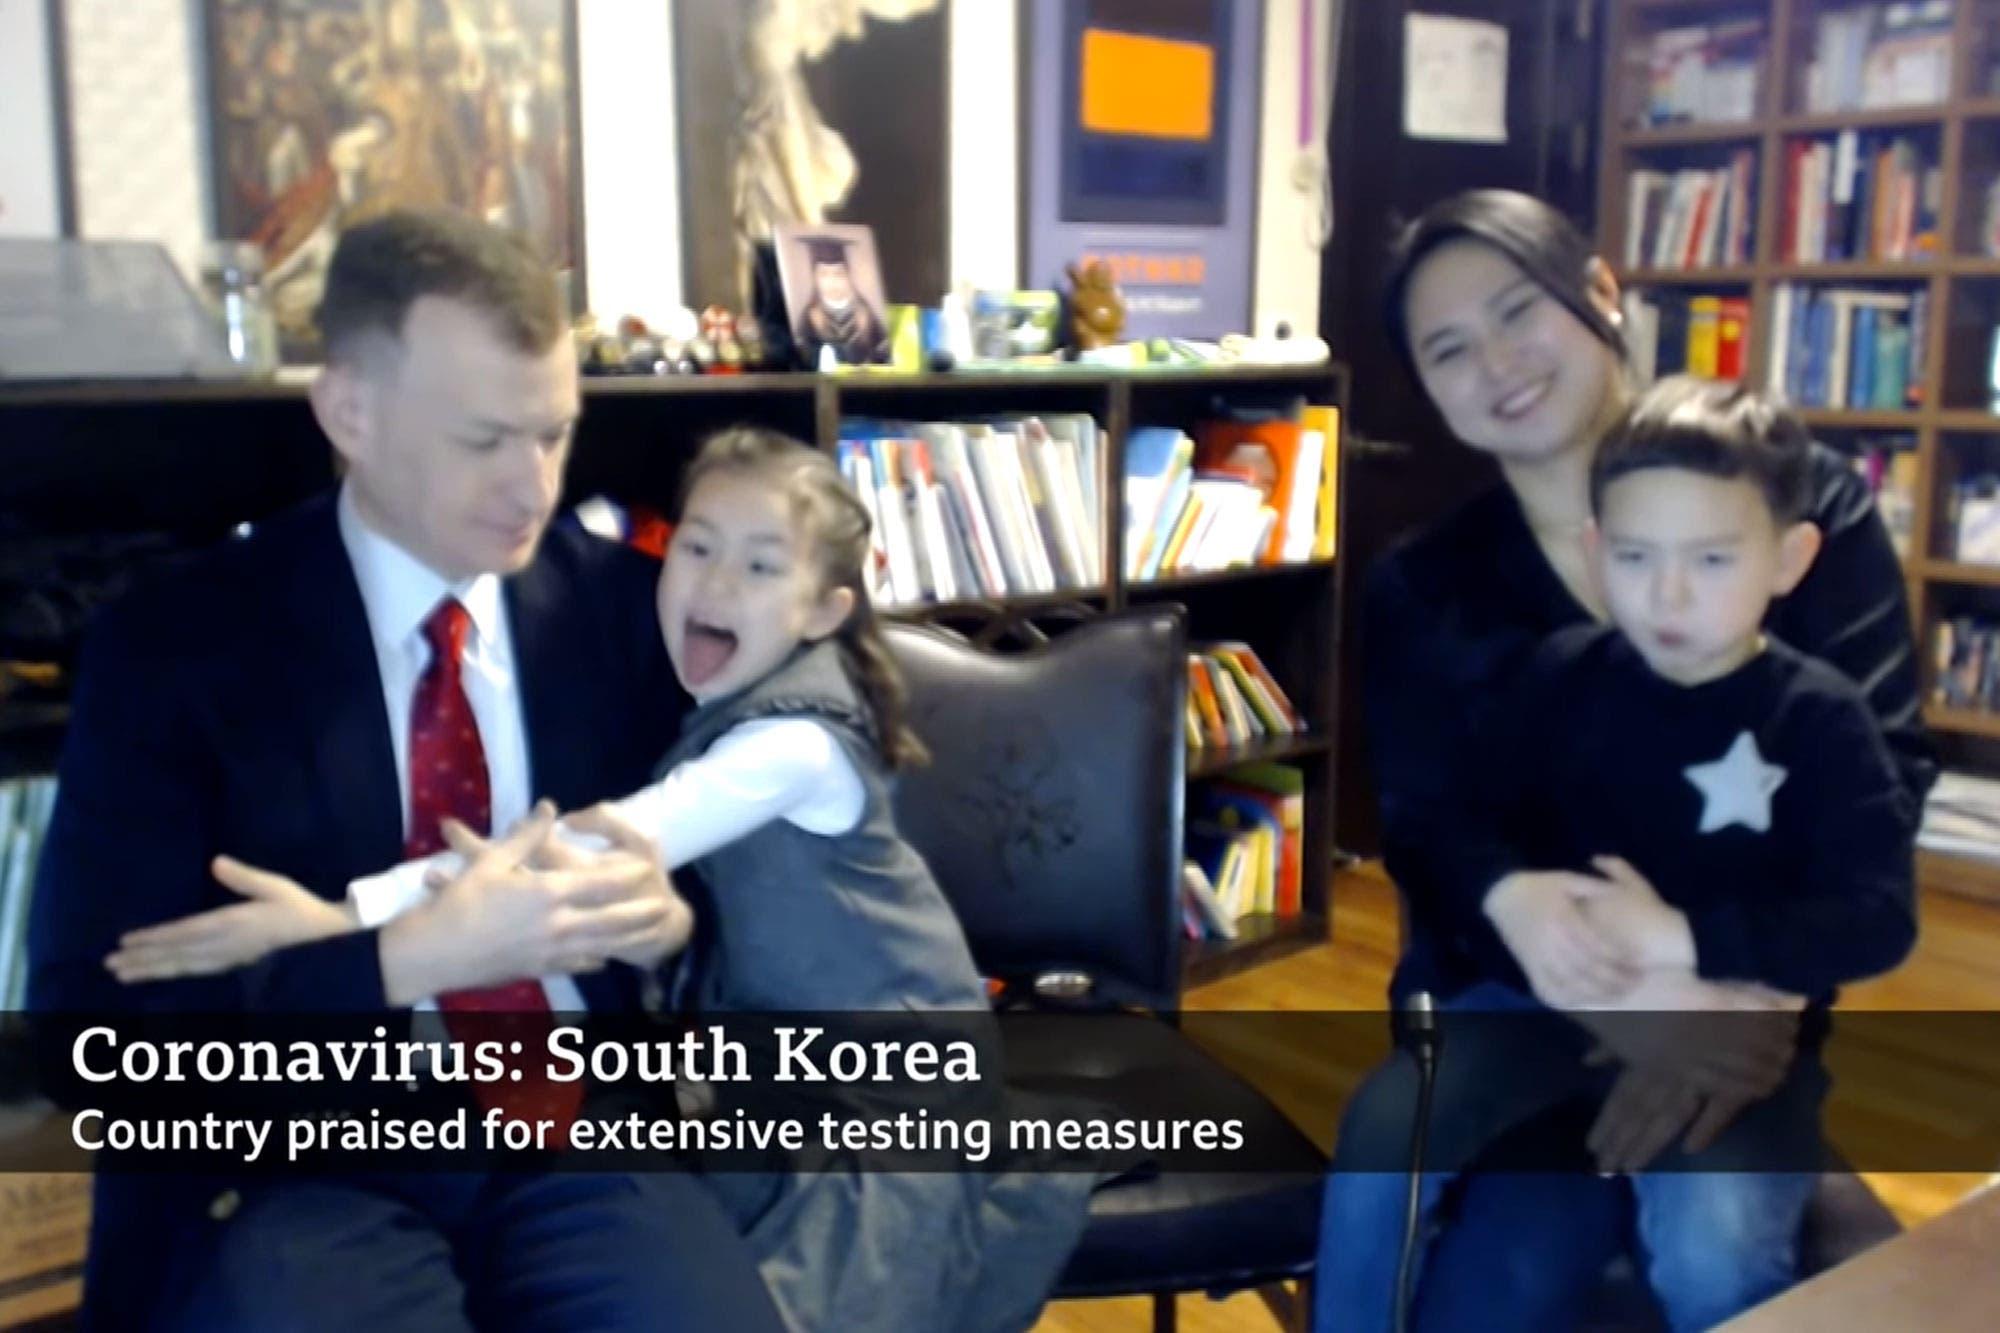 Cuarentena familiar: el papá de la BBC cuenta cómo es trabajar desde casa con sus hijos